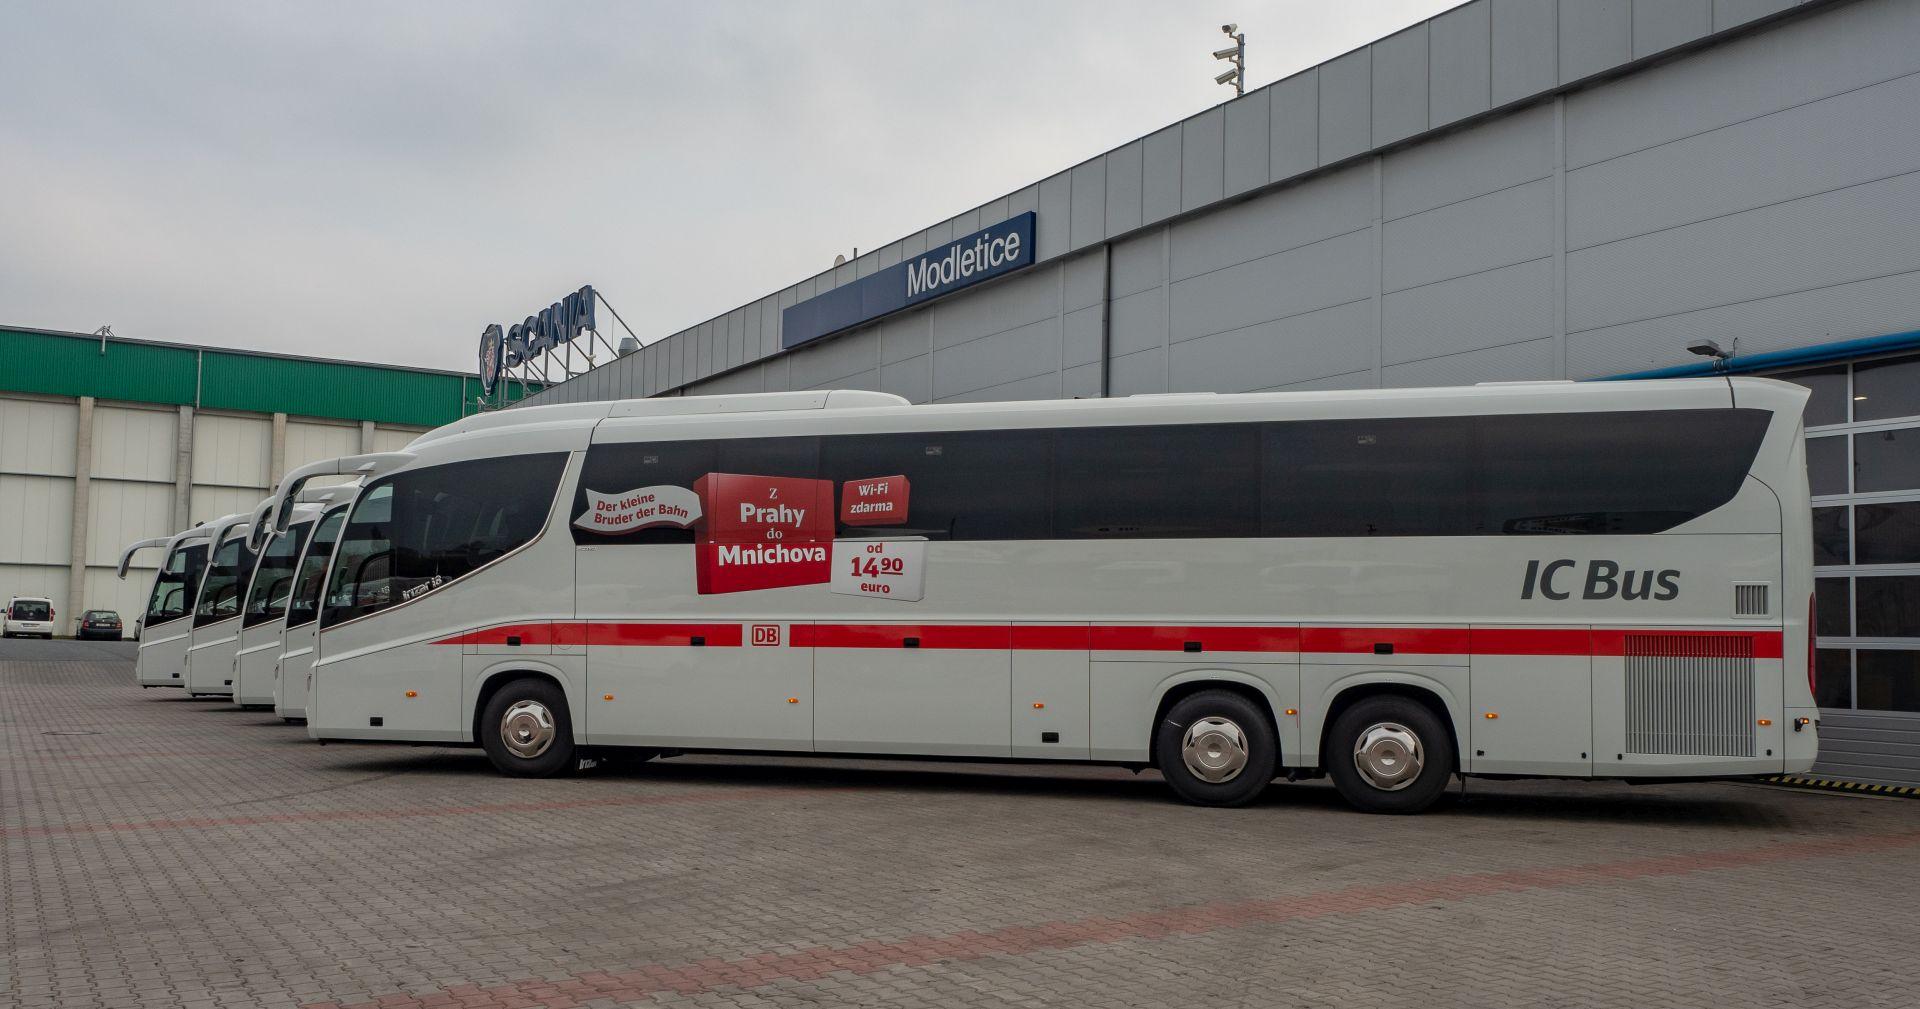 Nové autobusy Student agency pro provoz na linkách DB IC BUS. Foto: Student agency